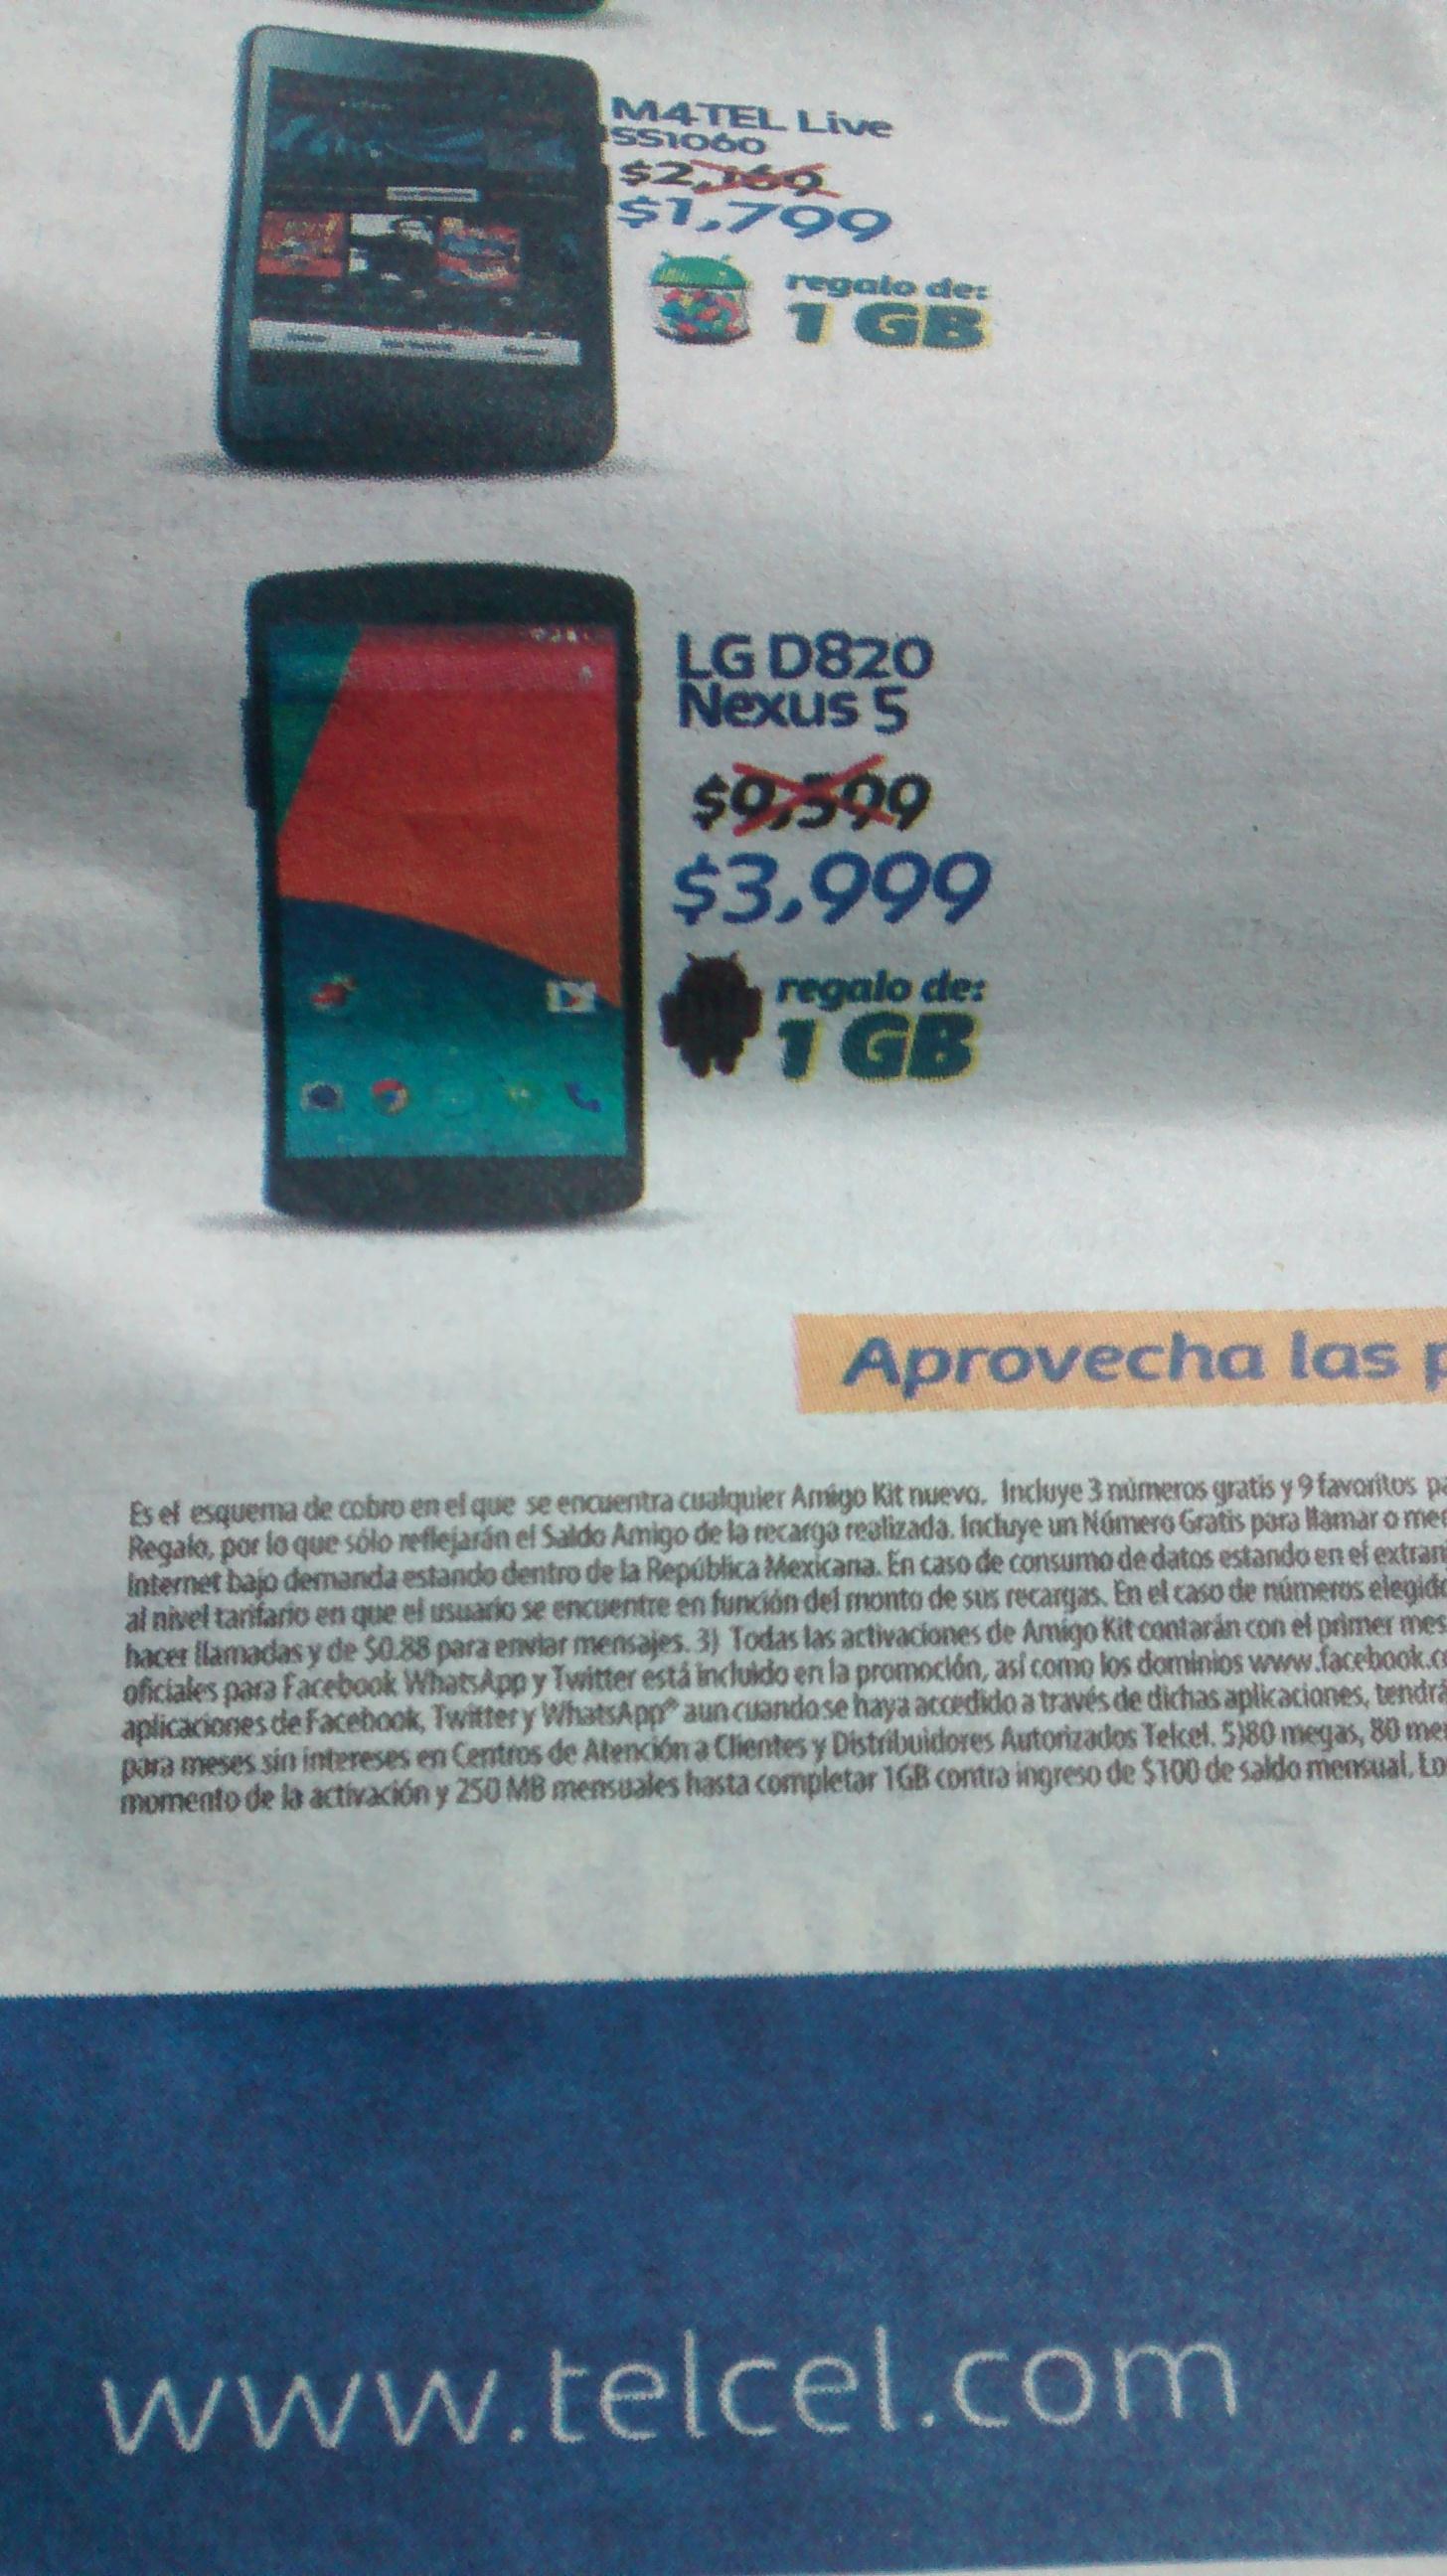 Telcel: Nexus 5 $3,999